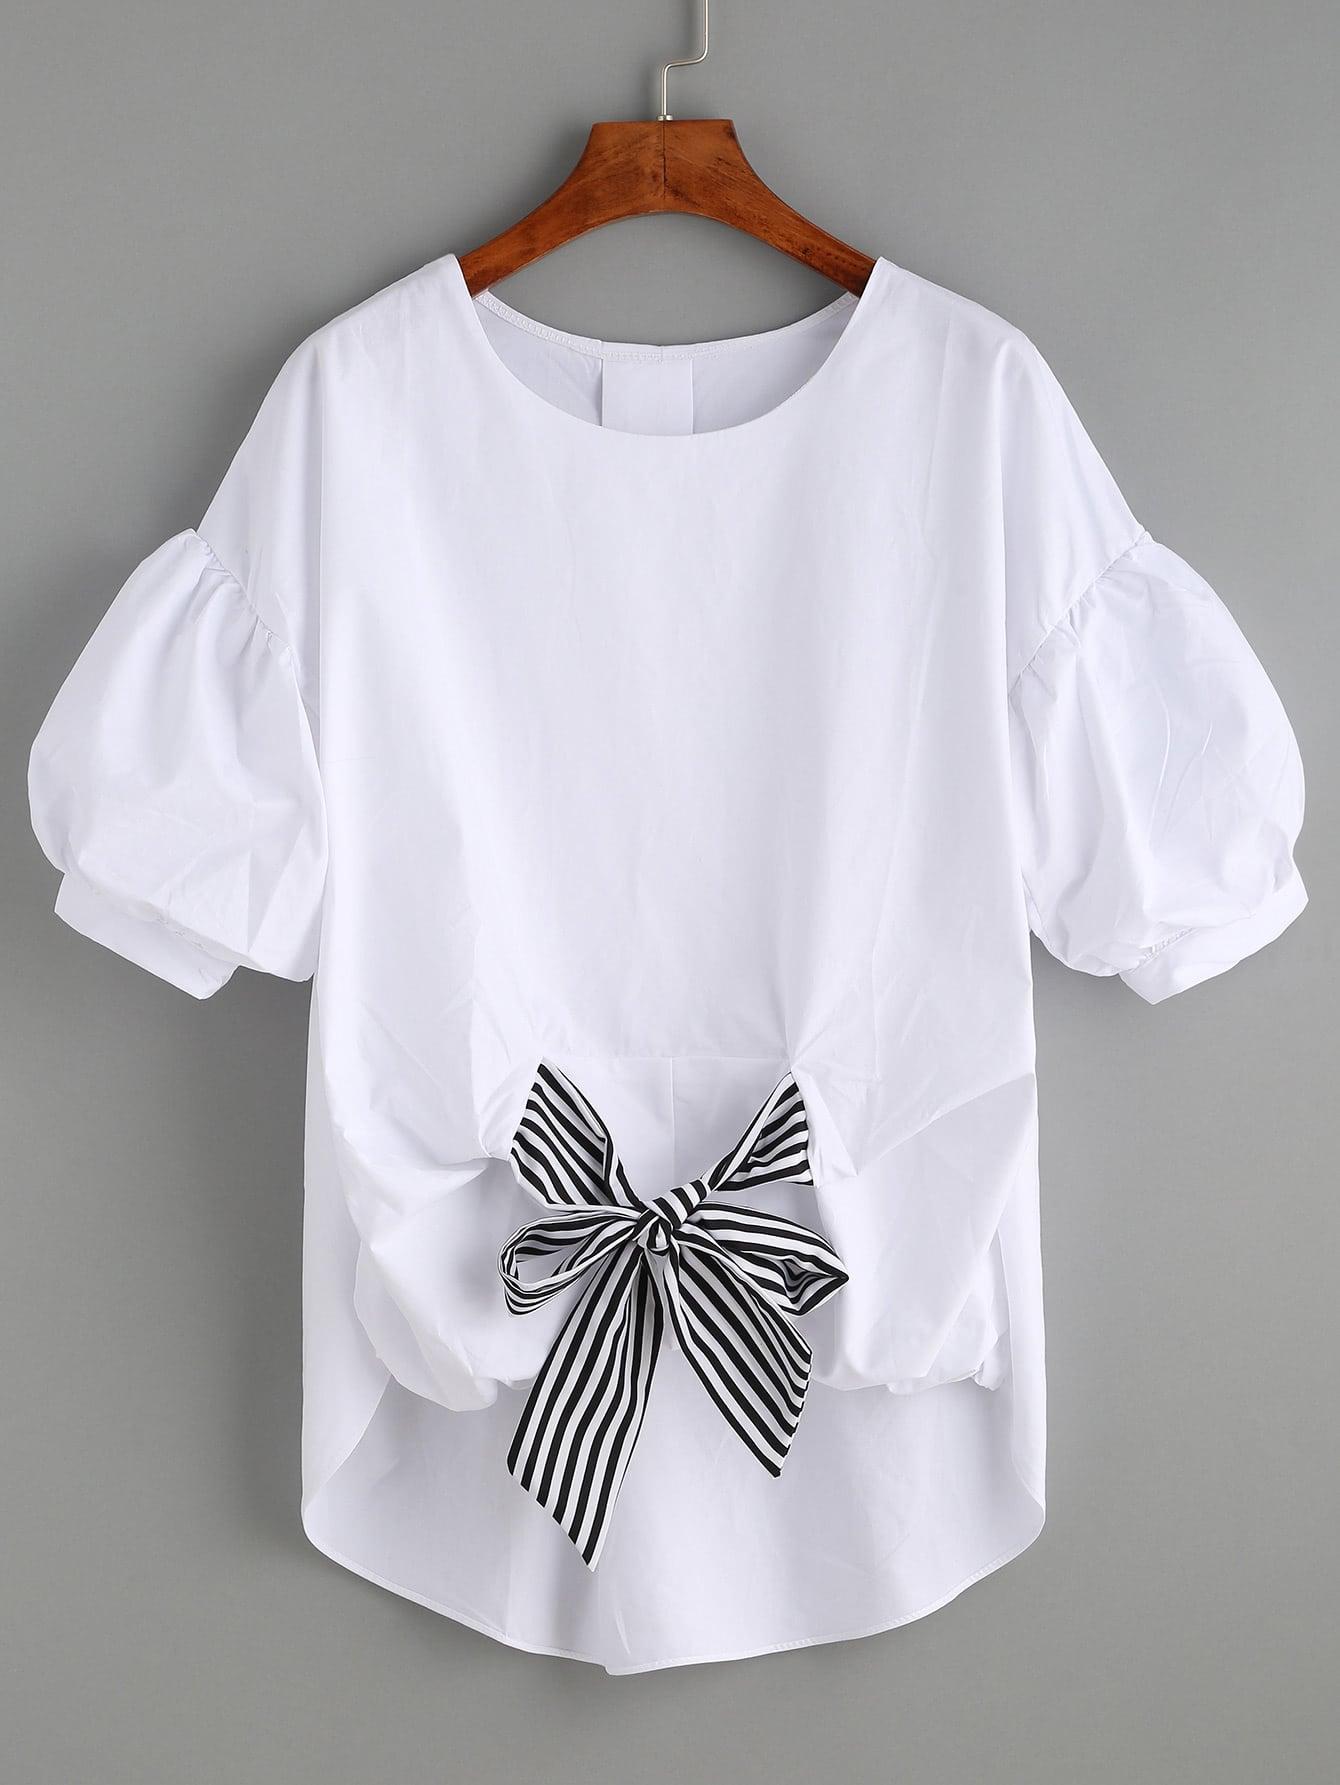 Self-tie Front Puff Sleeve Blouse petal sleeve self tie blouse